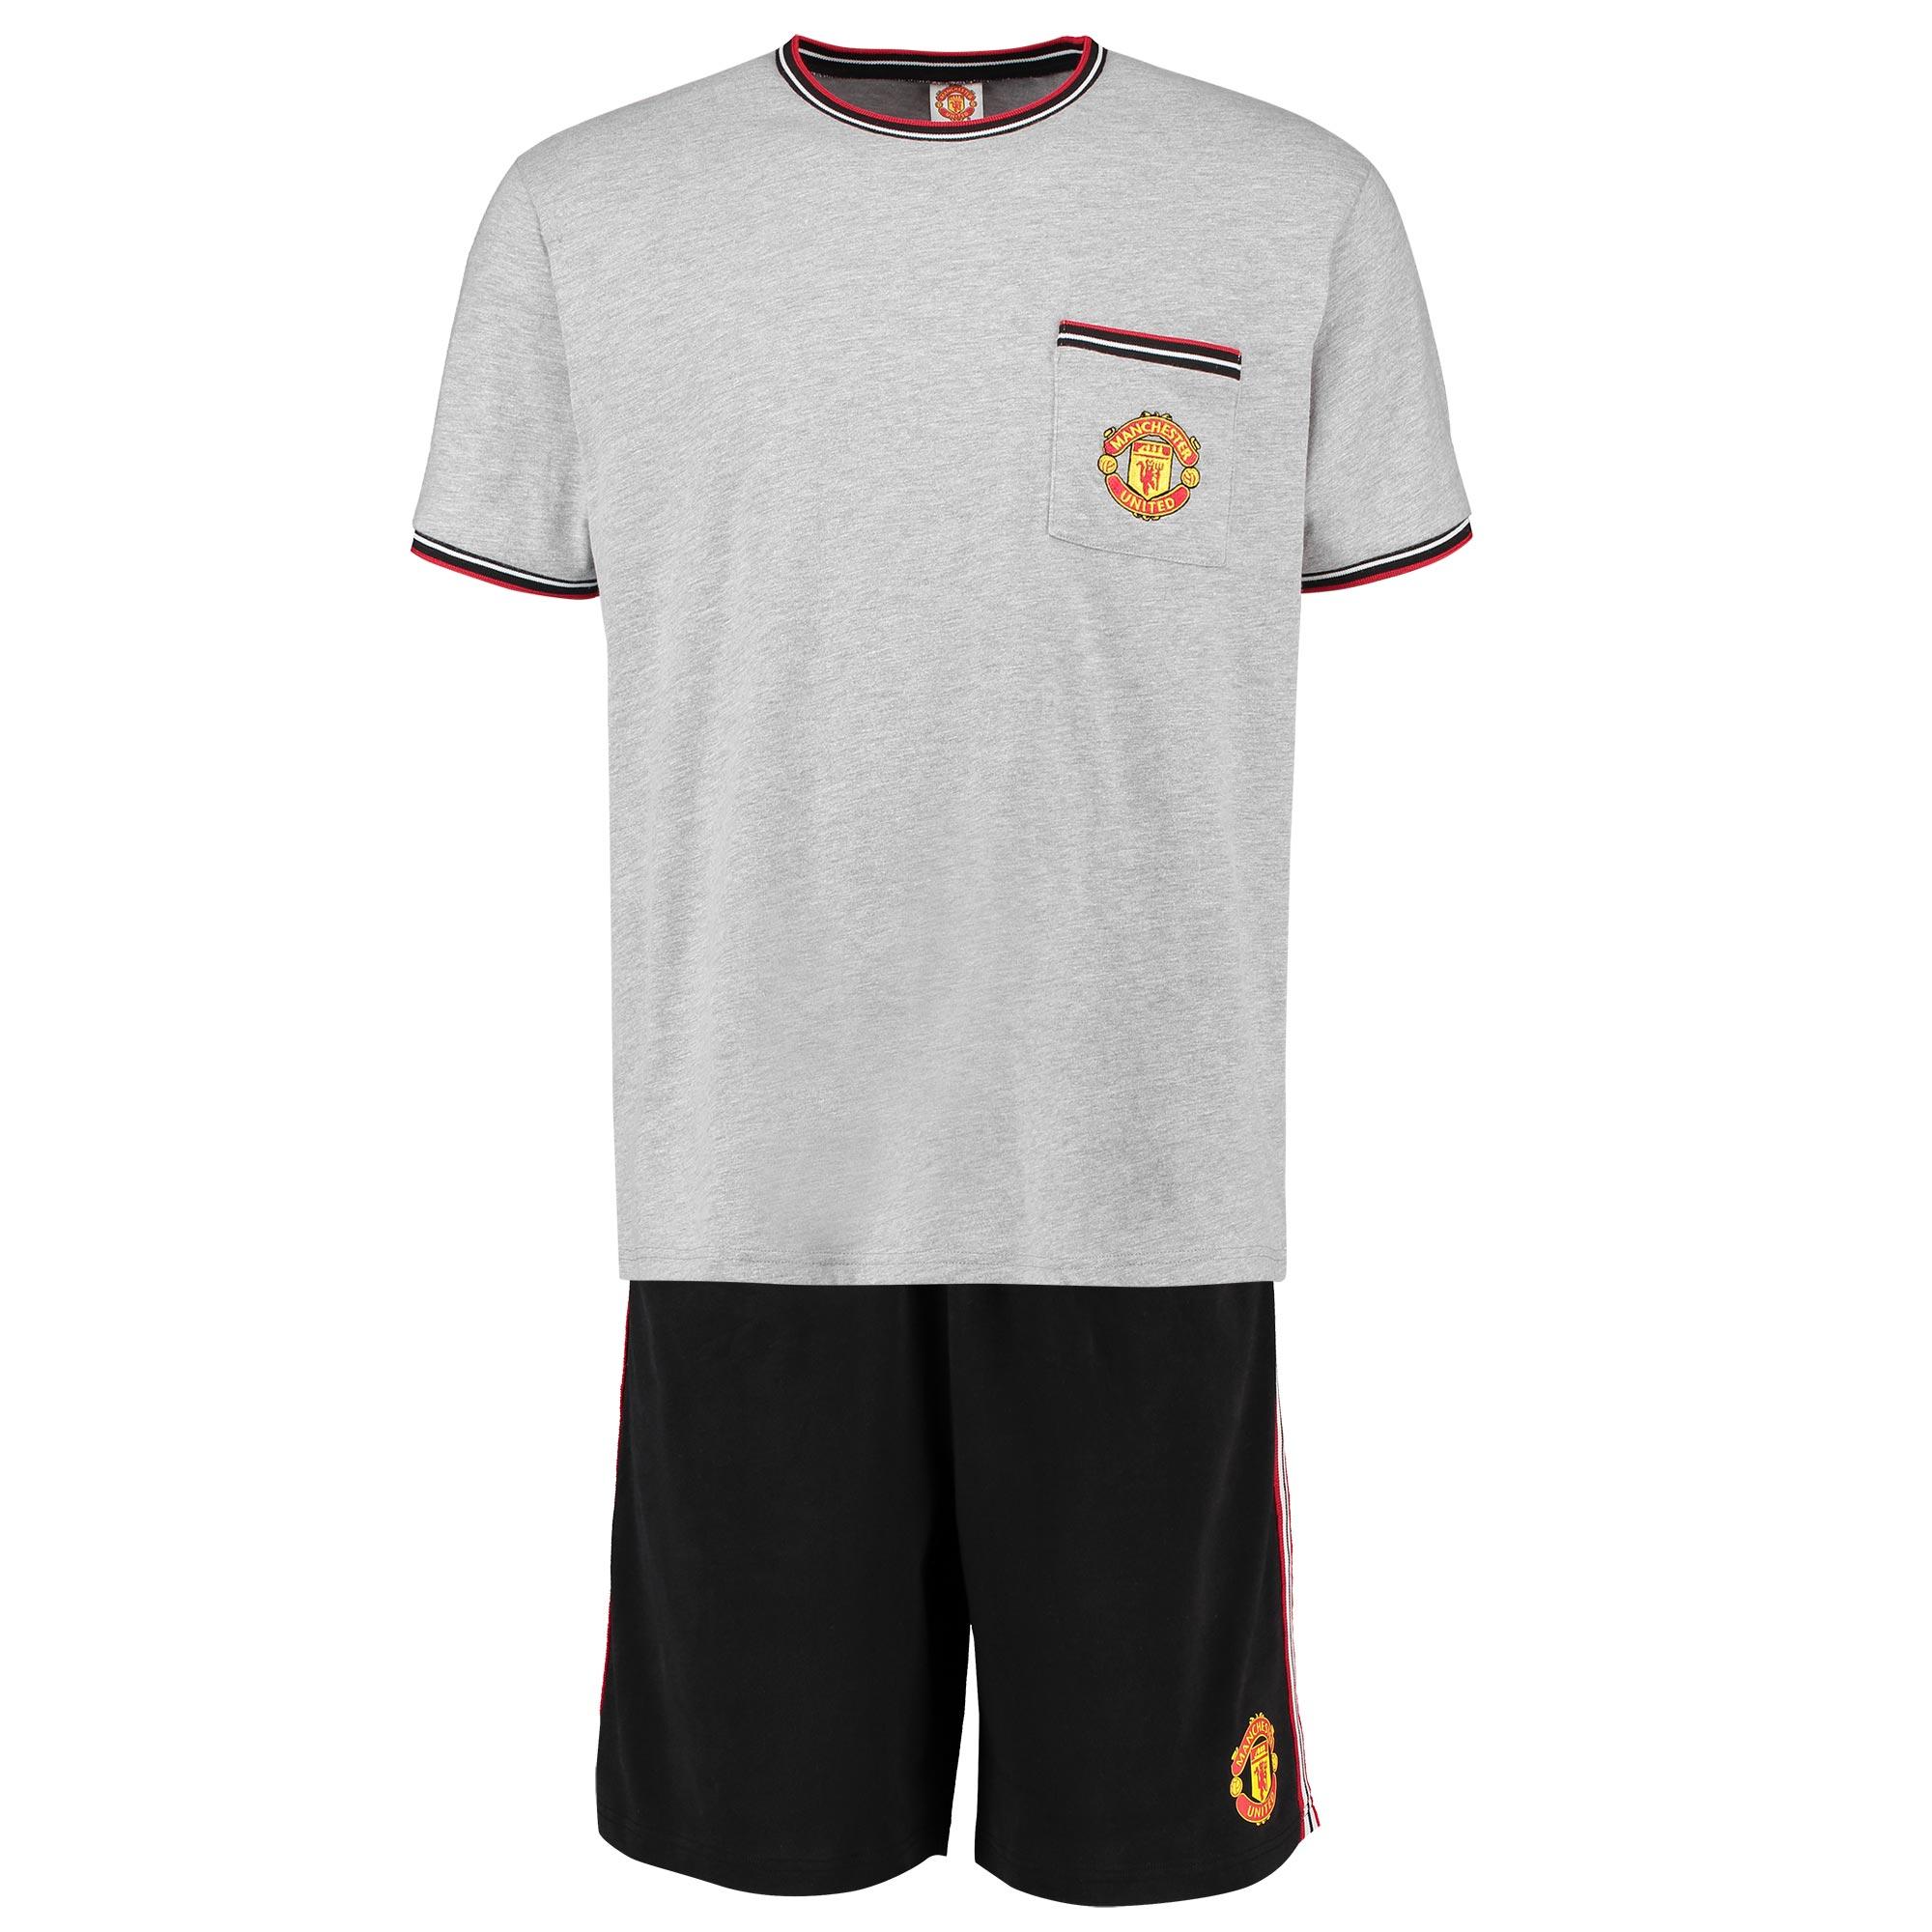 Pyjama avec short Manchester United Retro - Gris chiné/Noir - Homme